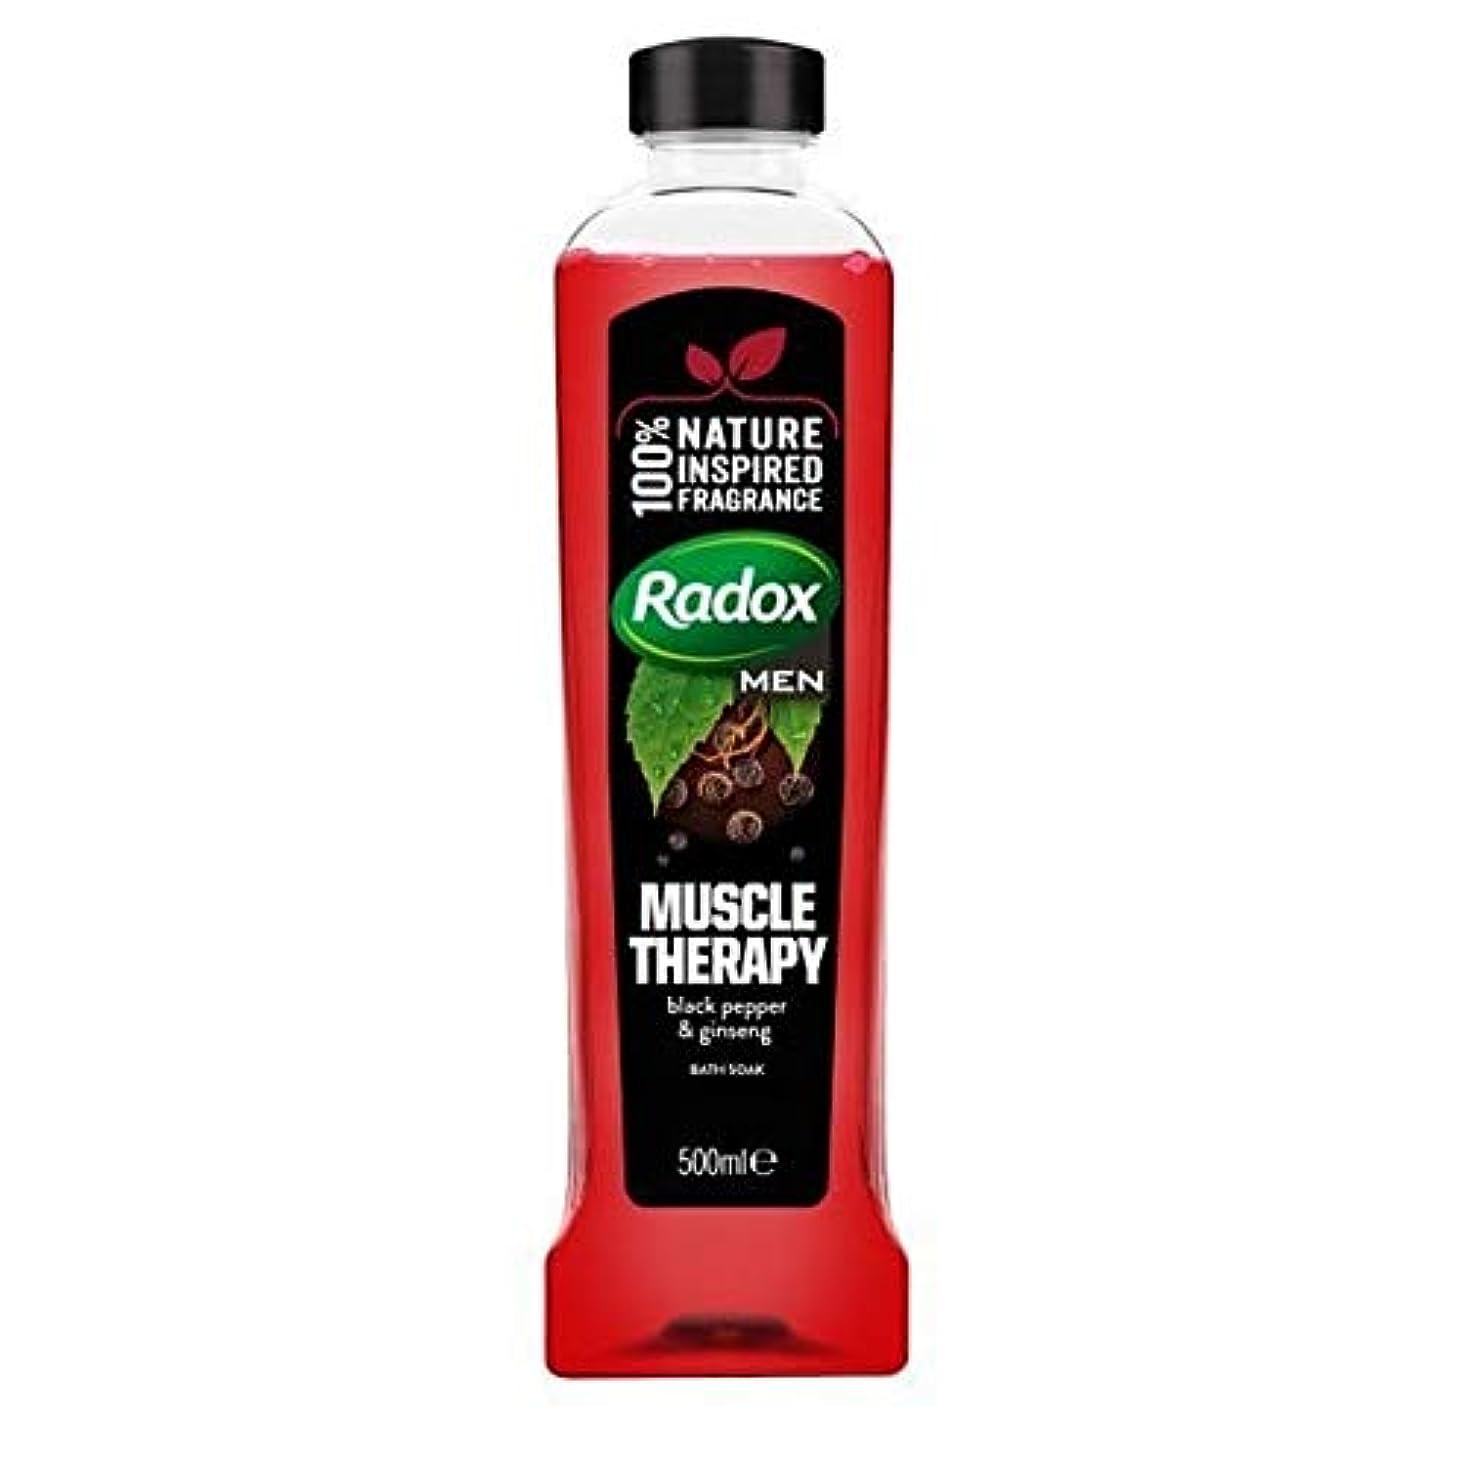 パーティー拘束無限大[Radox] Radoxは、500ミリリットルのソーク良い香り筋肉の治療風呂を感じます - Radox Feel Good Fragrance Muscle Therapy Bath Soak 500ml [並行輸入品]